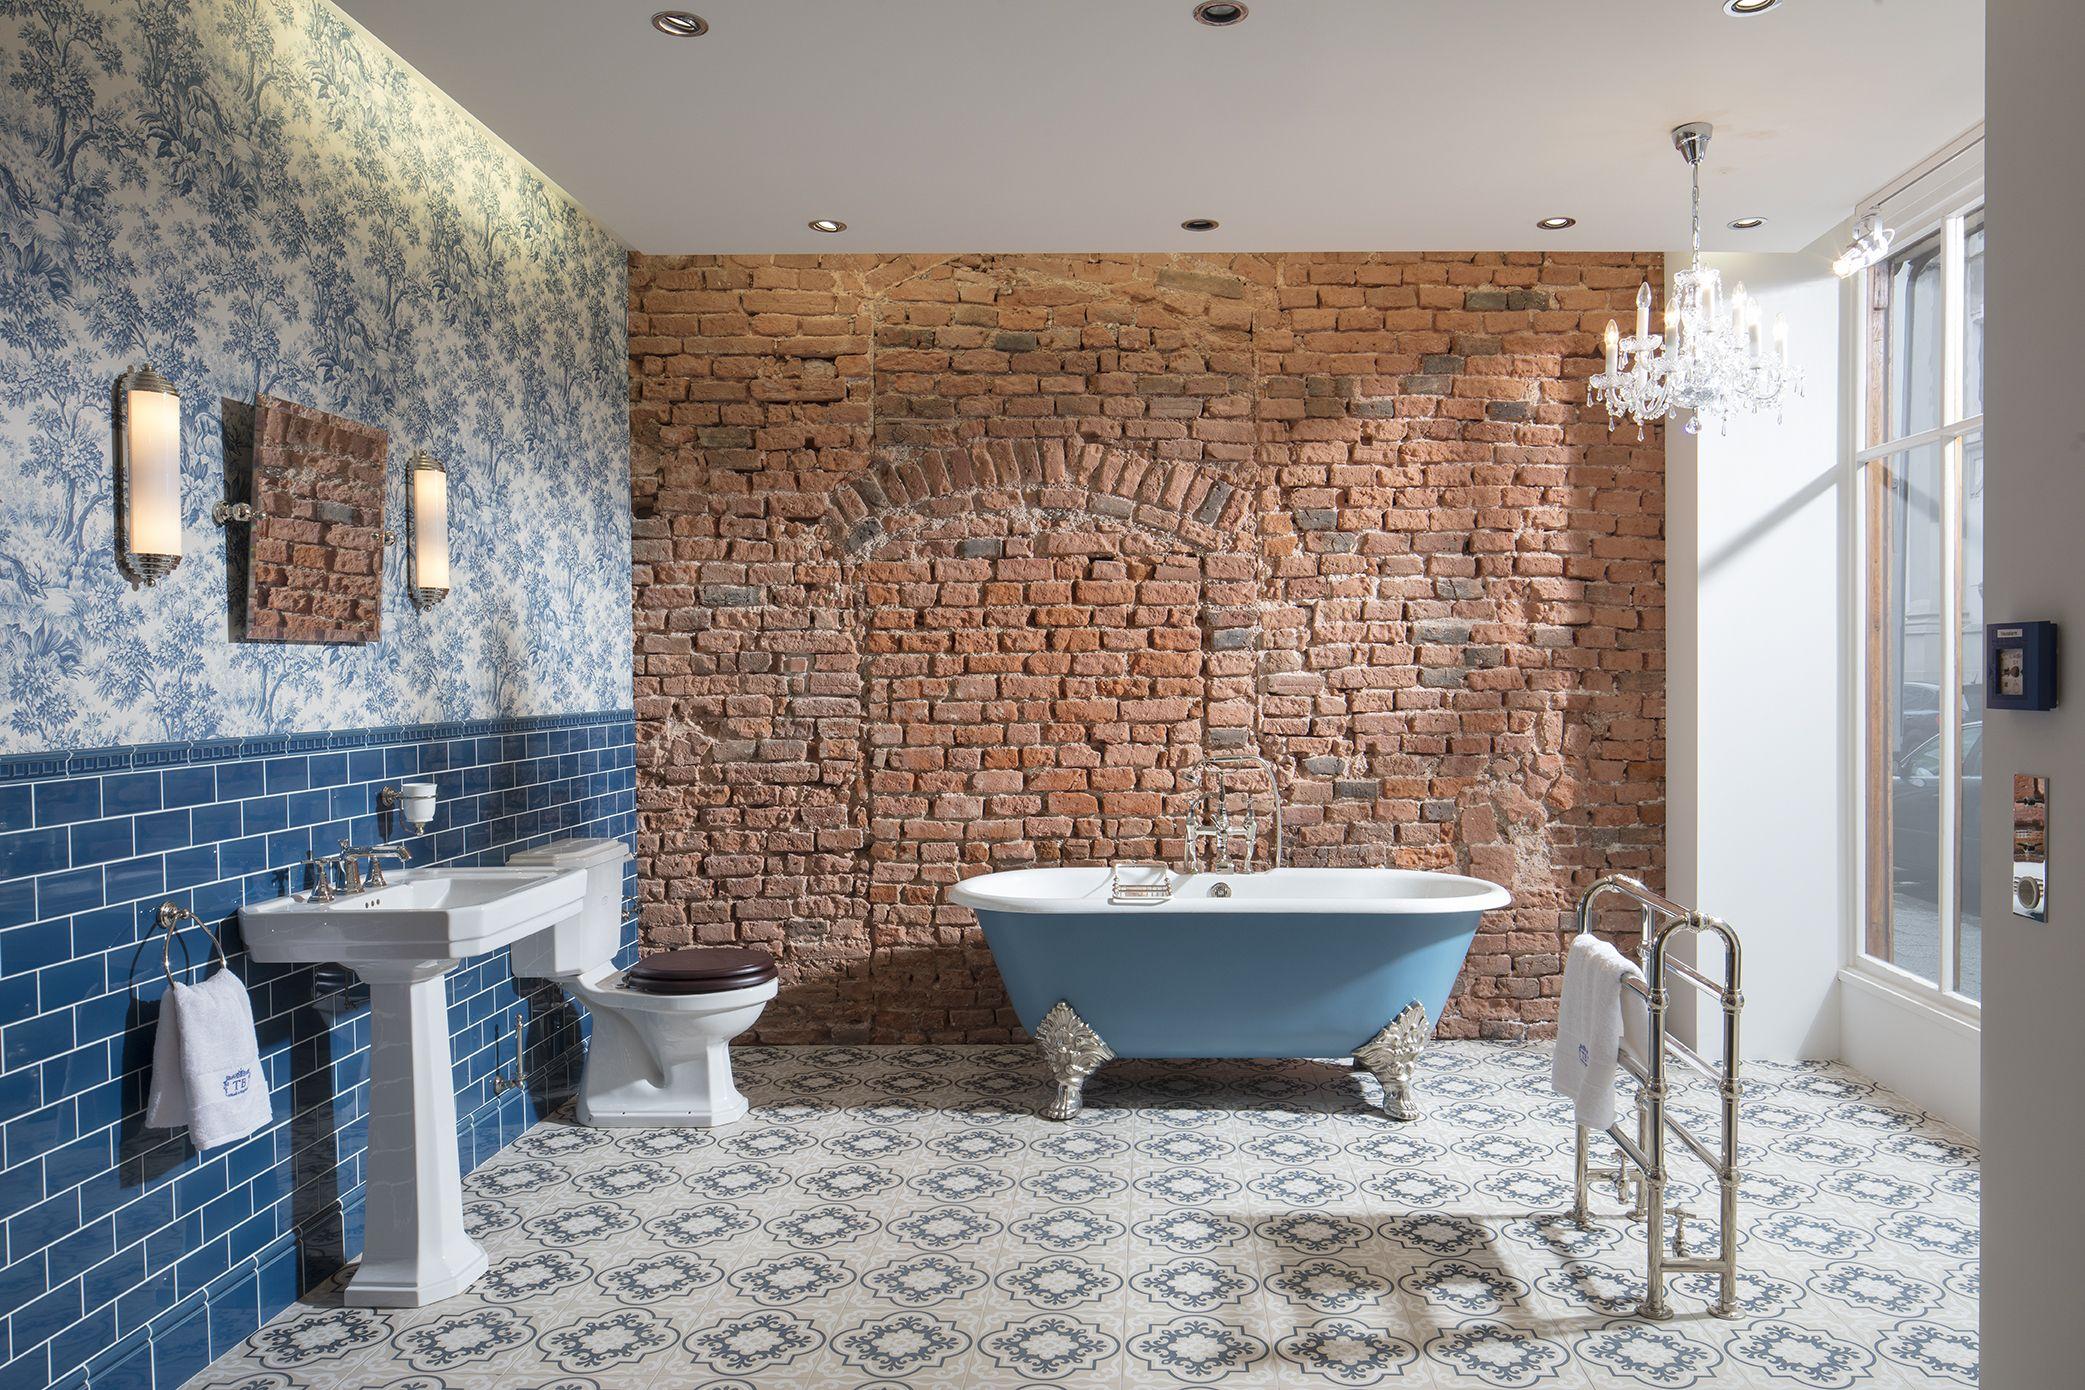 Das Badezimmer Bristol Im Nostalgischen Stil Lasst Die Herzen Aller Freunde Des Englischen Lifestyle H Traditionelle Bader Badezimmer Englisch Bad Einrichten